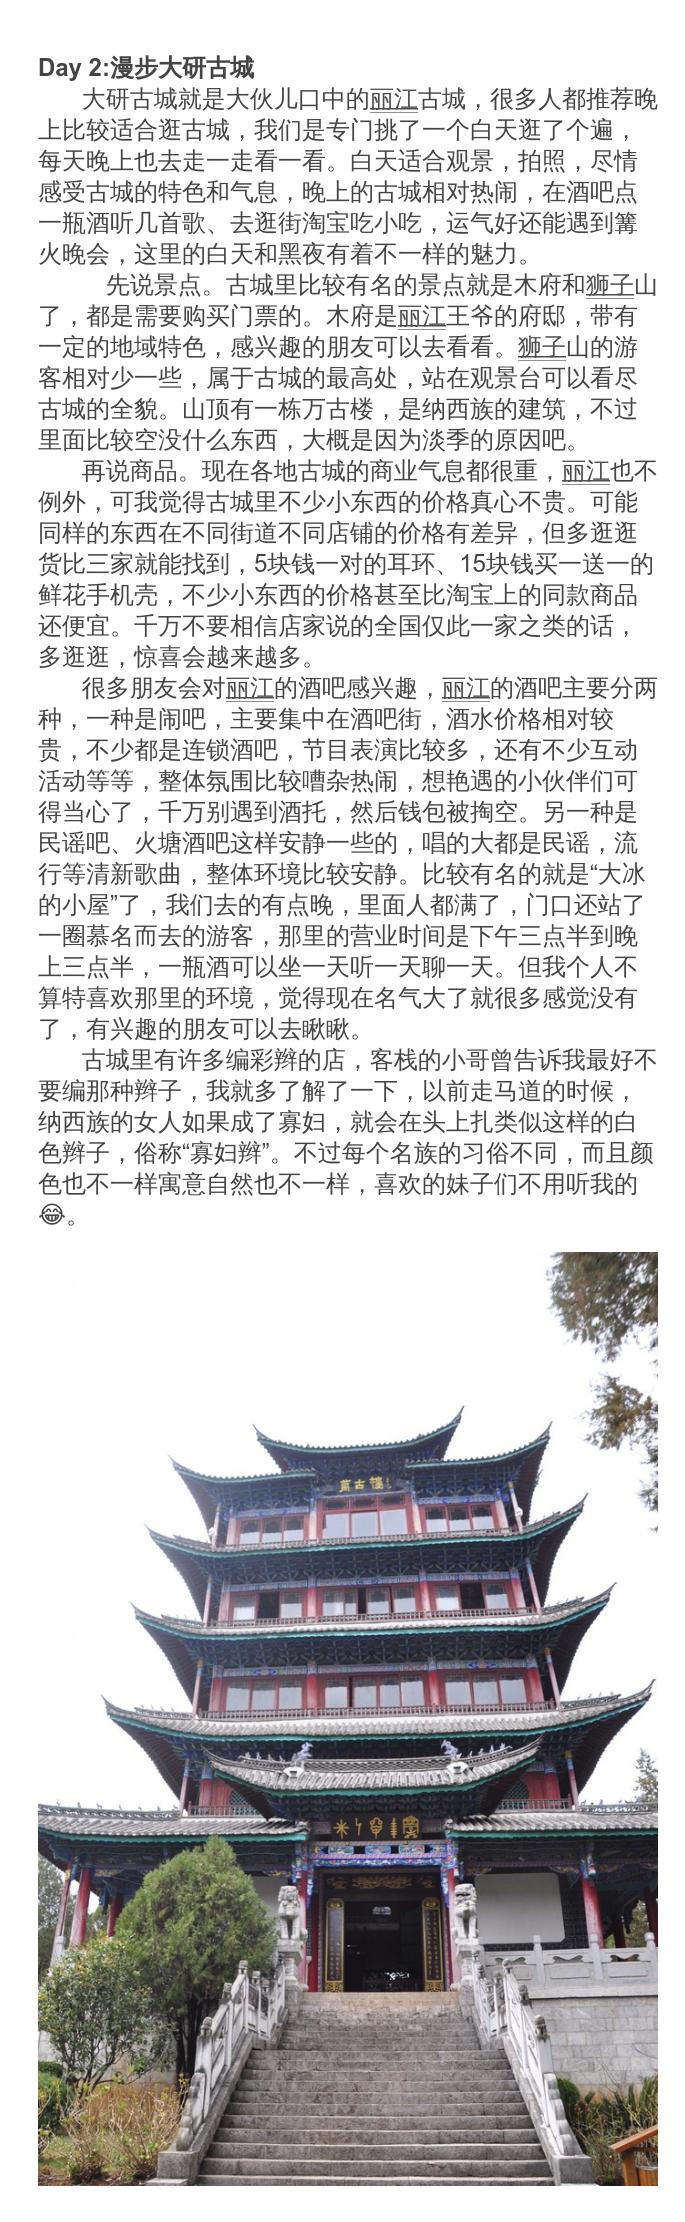 玩转北京自由行旅游网友(来自攻略投稿)丽江至重庆旅游攻略图片